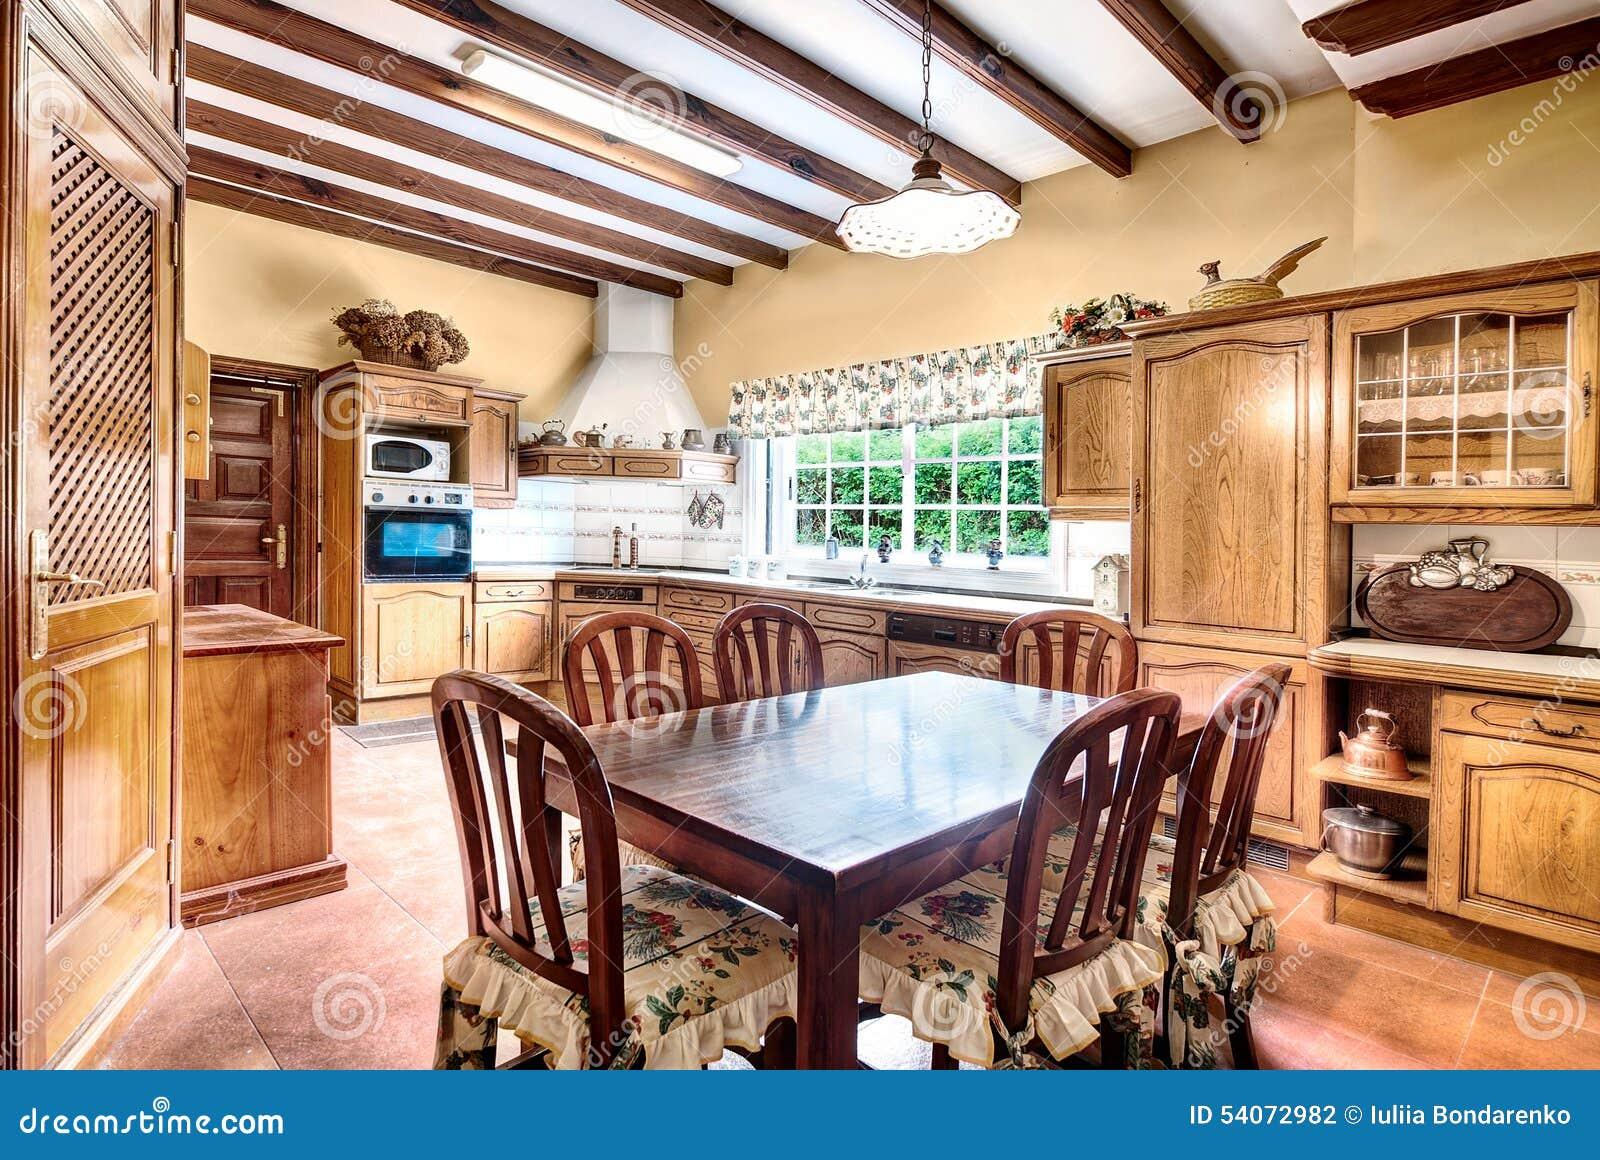 Cucina Stile Country Con Sala Da Pranzo Fotografia Stock - Immagine ...